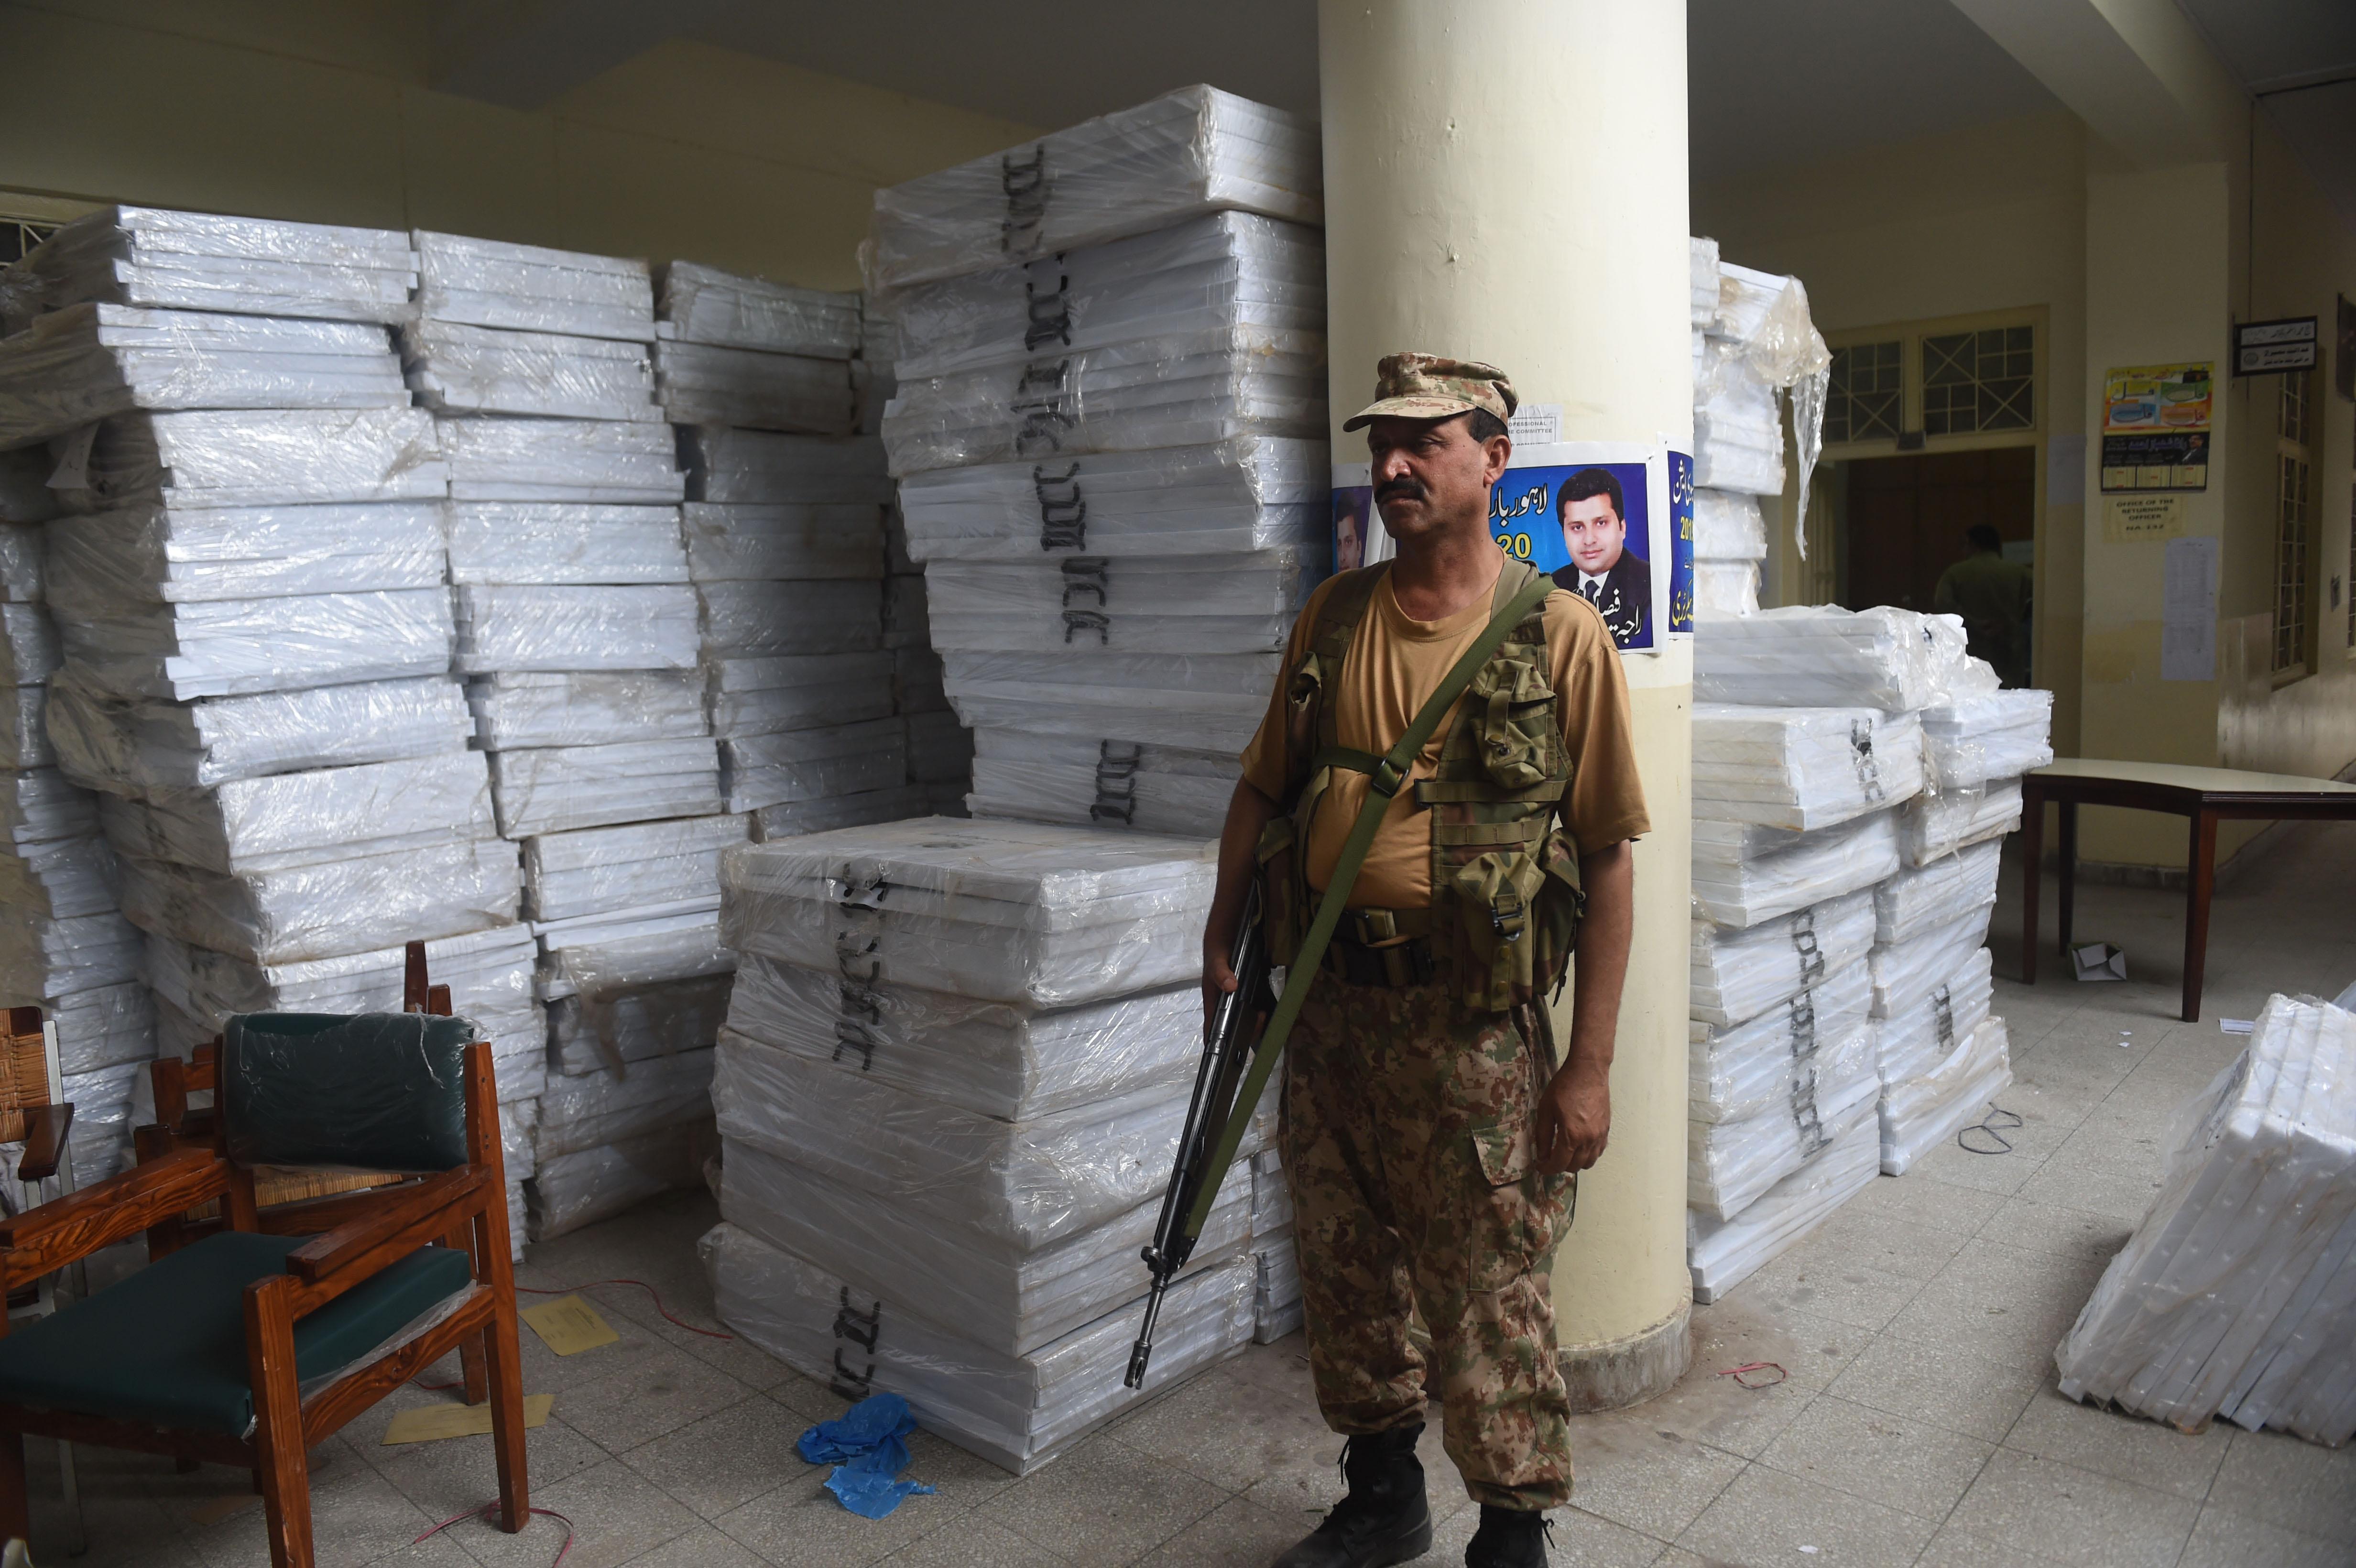 پاک فوج اور پولیس کا غیر جانبداری کے ساتھ انتخابات کو تحفظ فراہم کرنے کا عزم